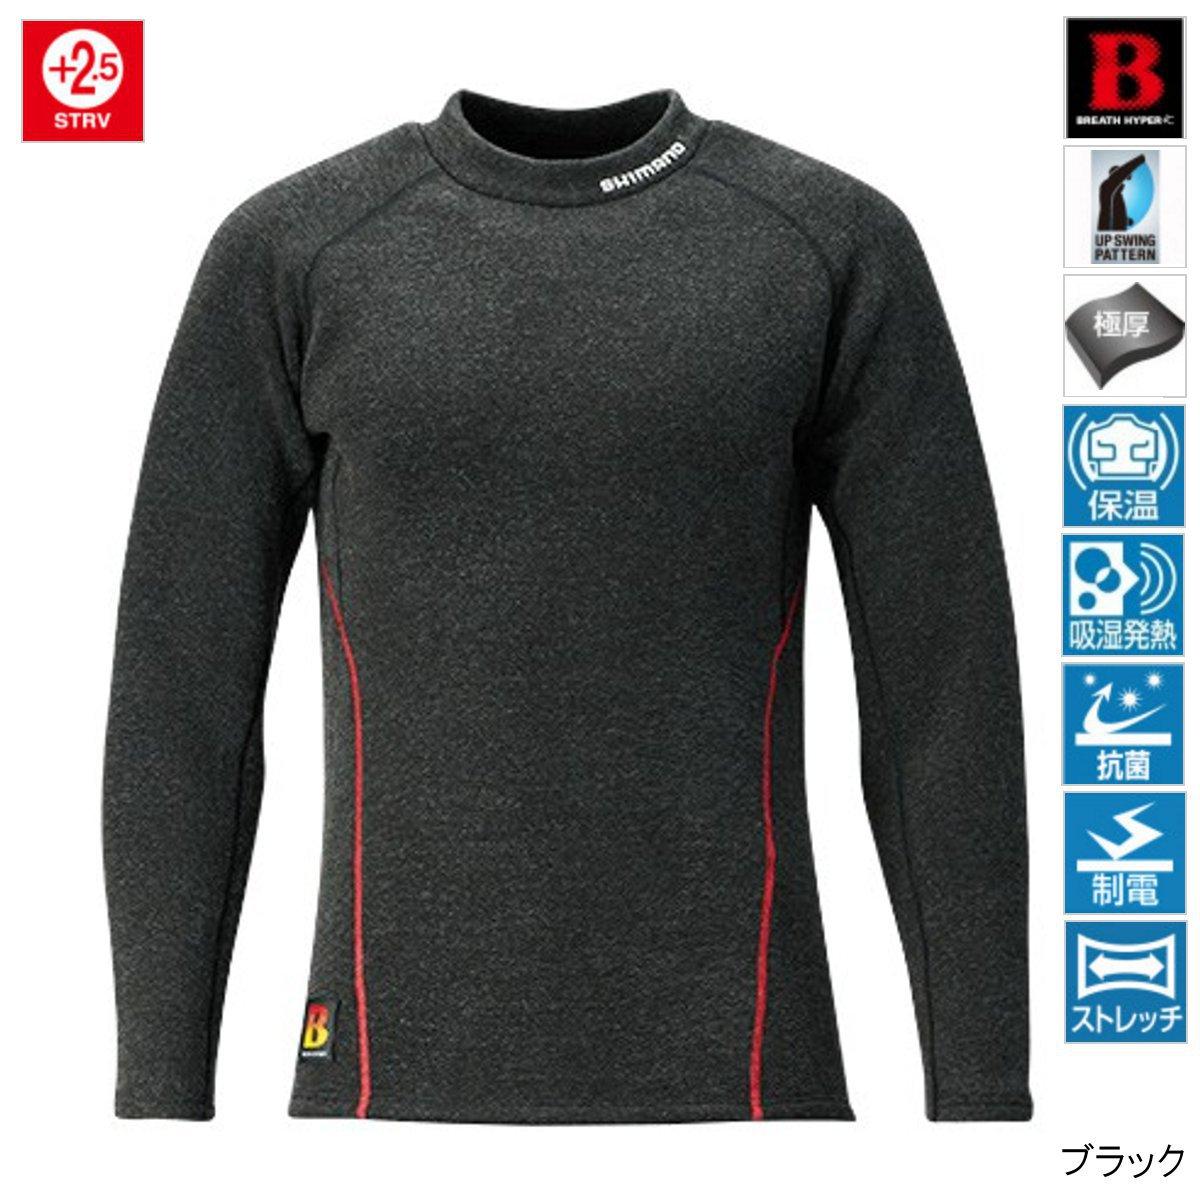 シマノ ブレスハイパー+℃ ストレッチハイネック アンダーシャツ (極厚タイプ) IN-021Q M ブラック